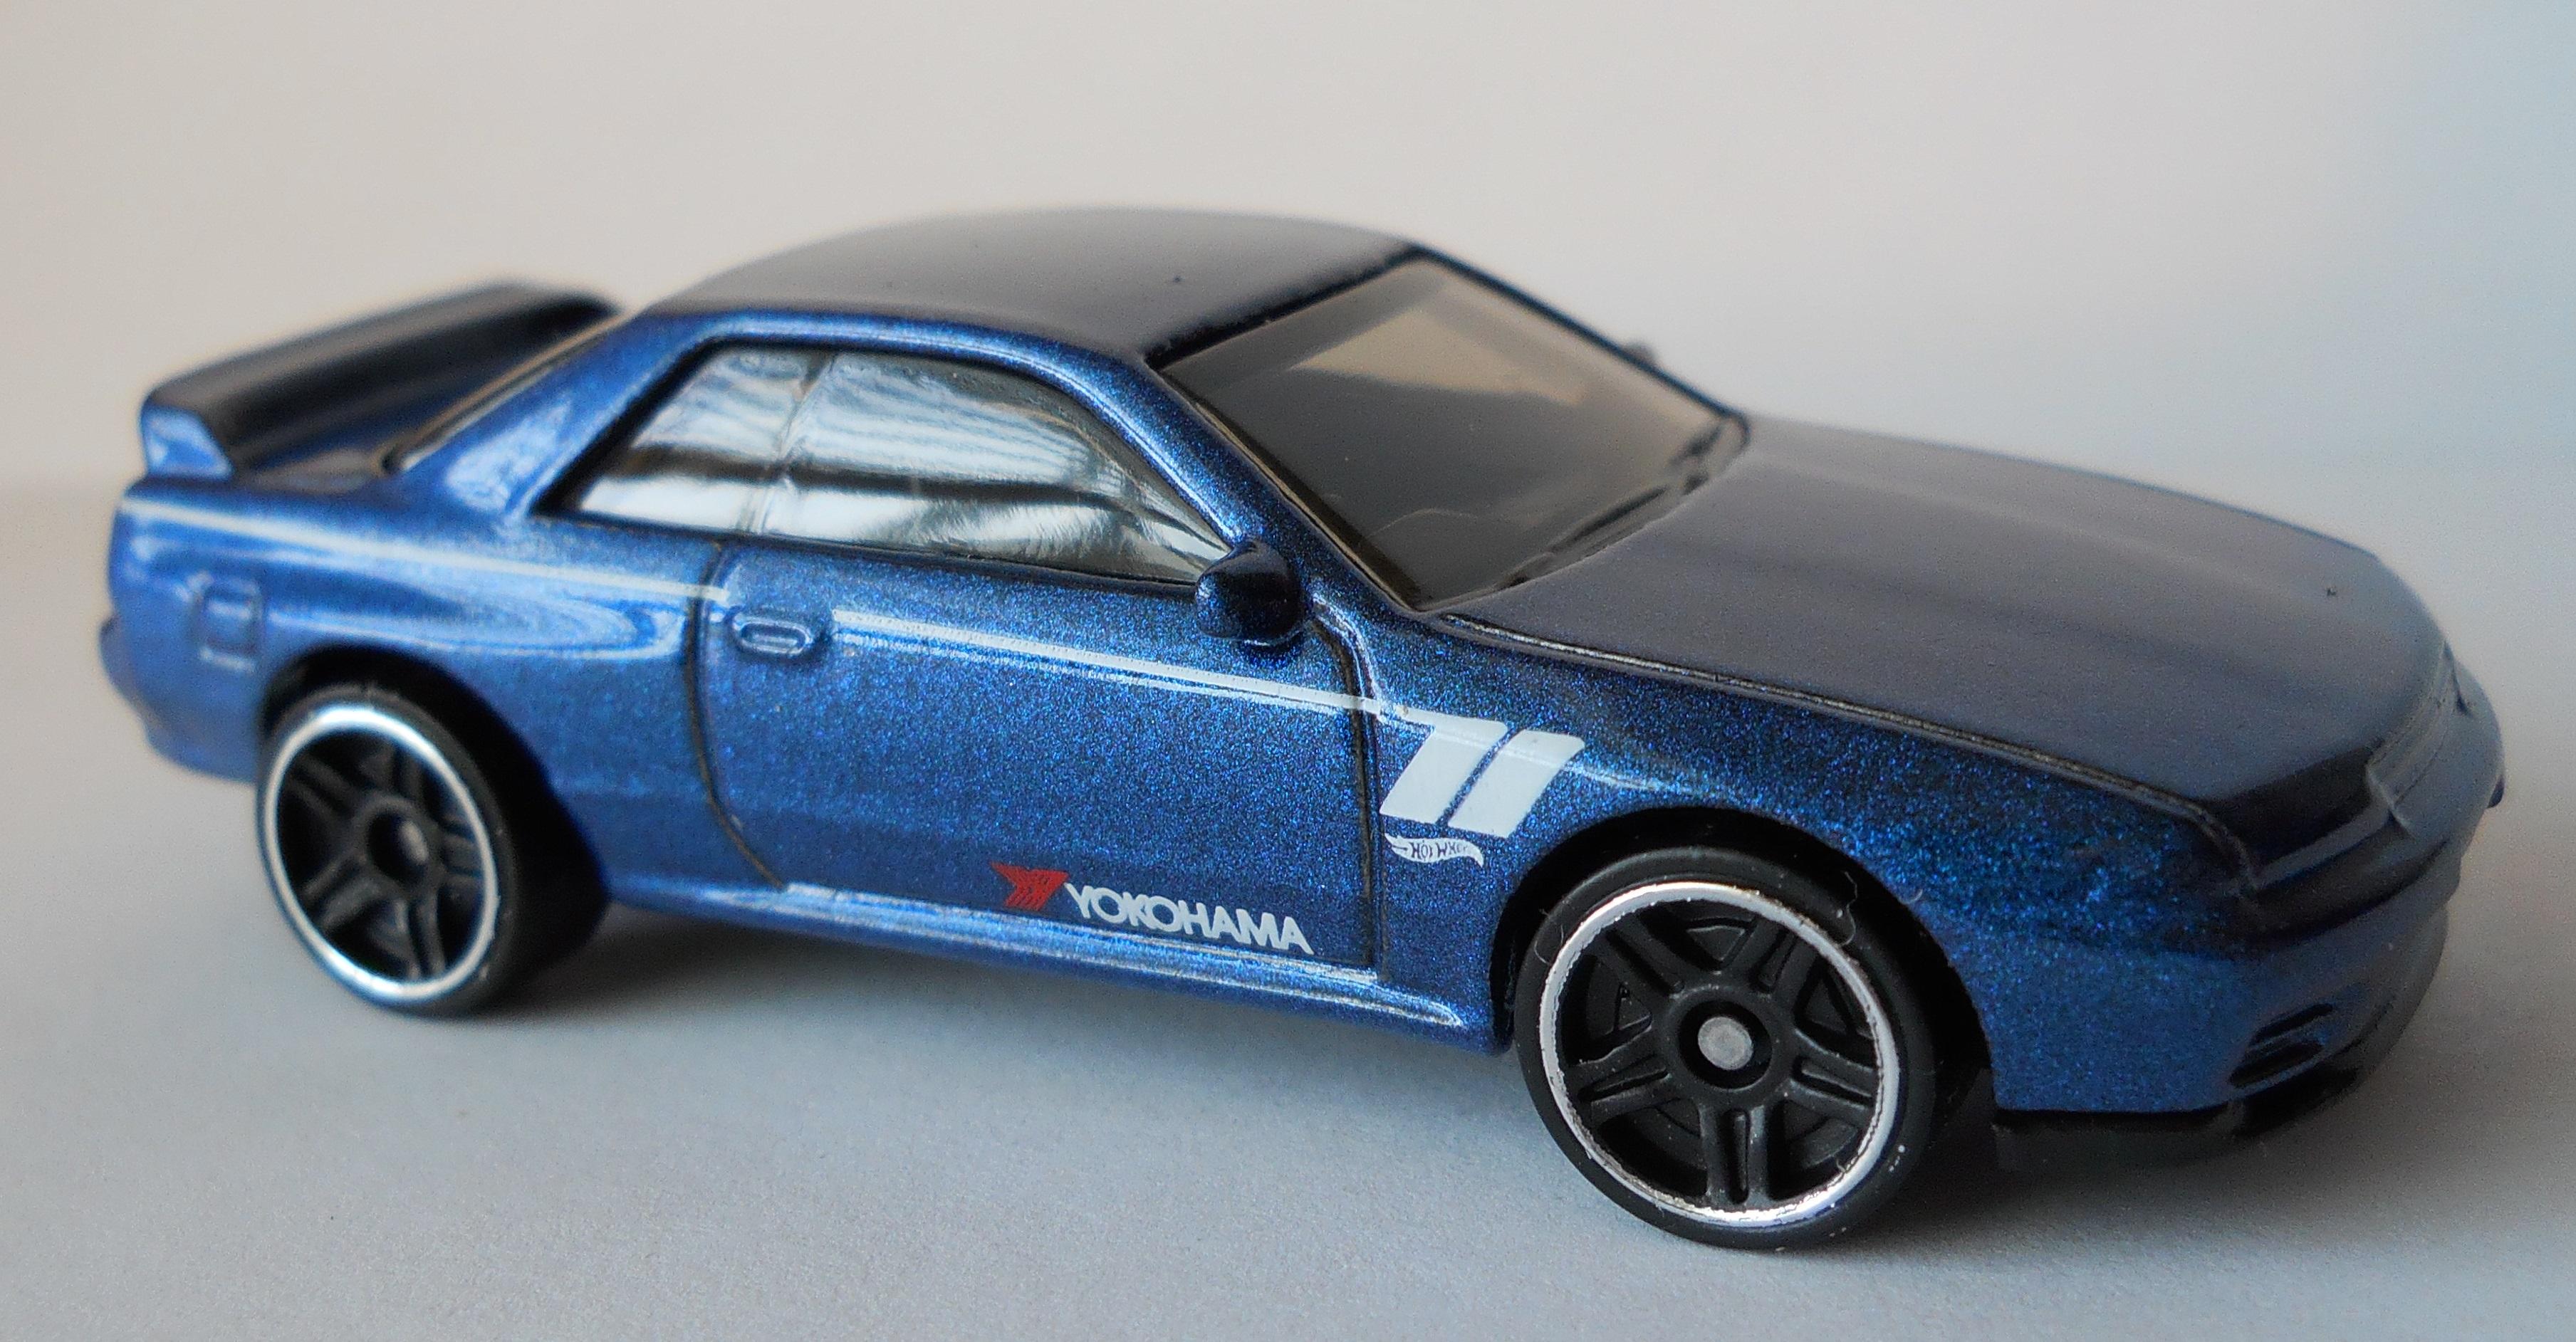 Hot Wheels Nissan 2019 Nissan Skyline GT-R BNR32 blau 1//250 FYB74 1//64